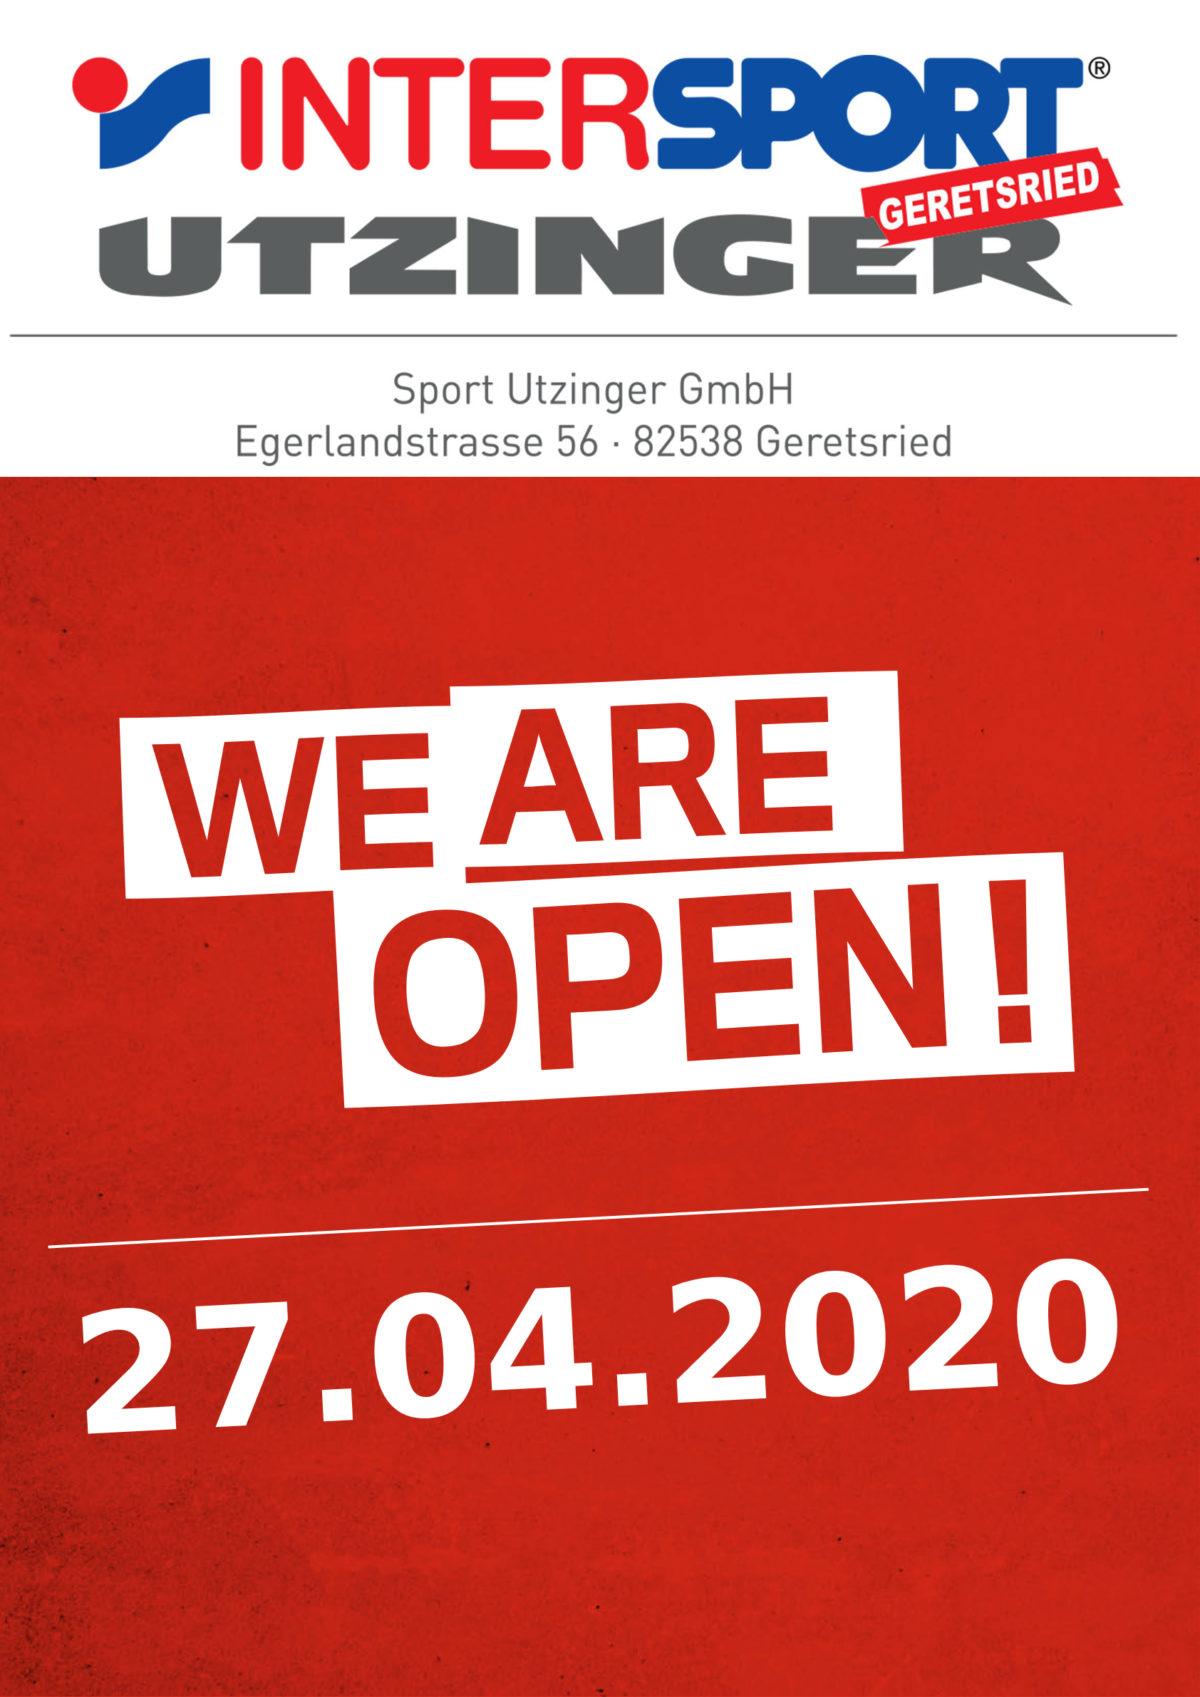 Wieder geöffnet ab 27.04.2020